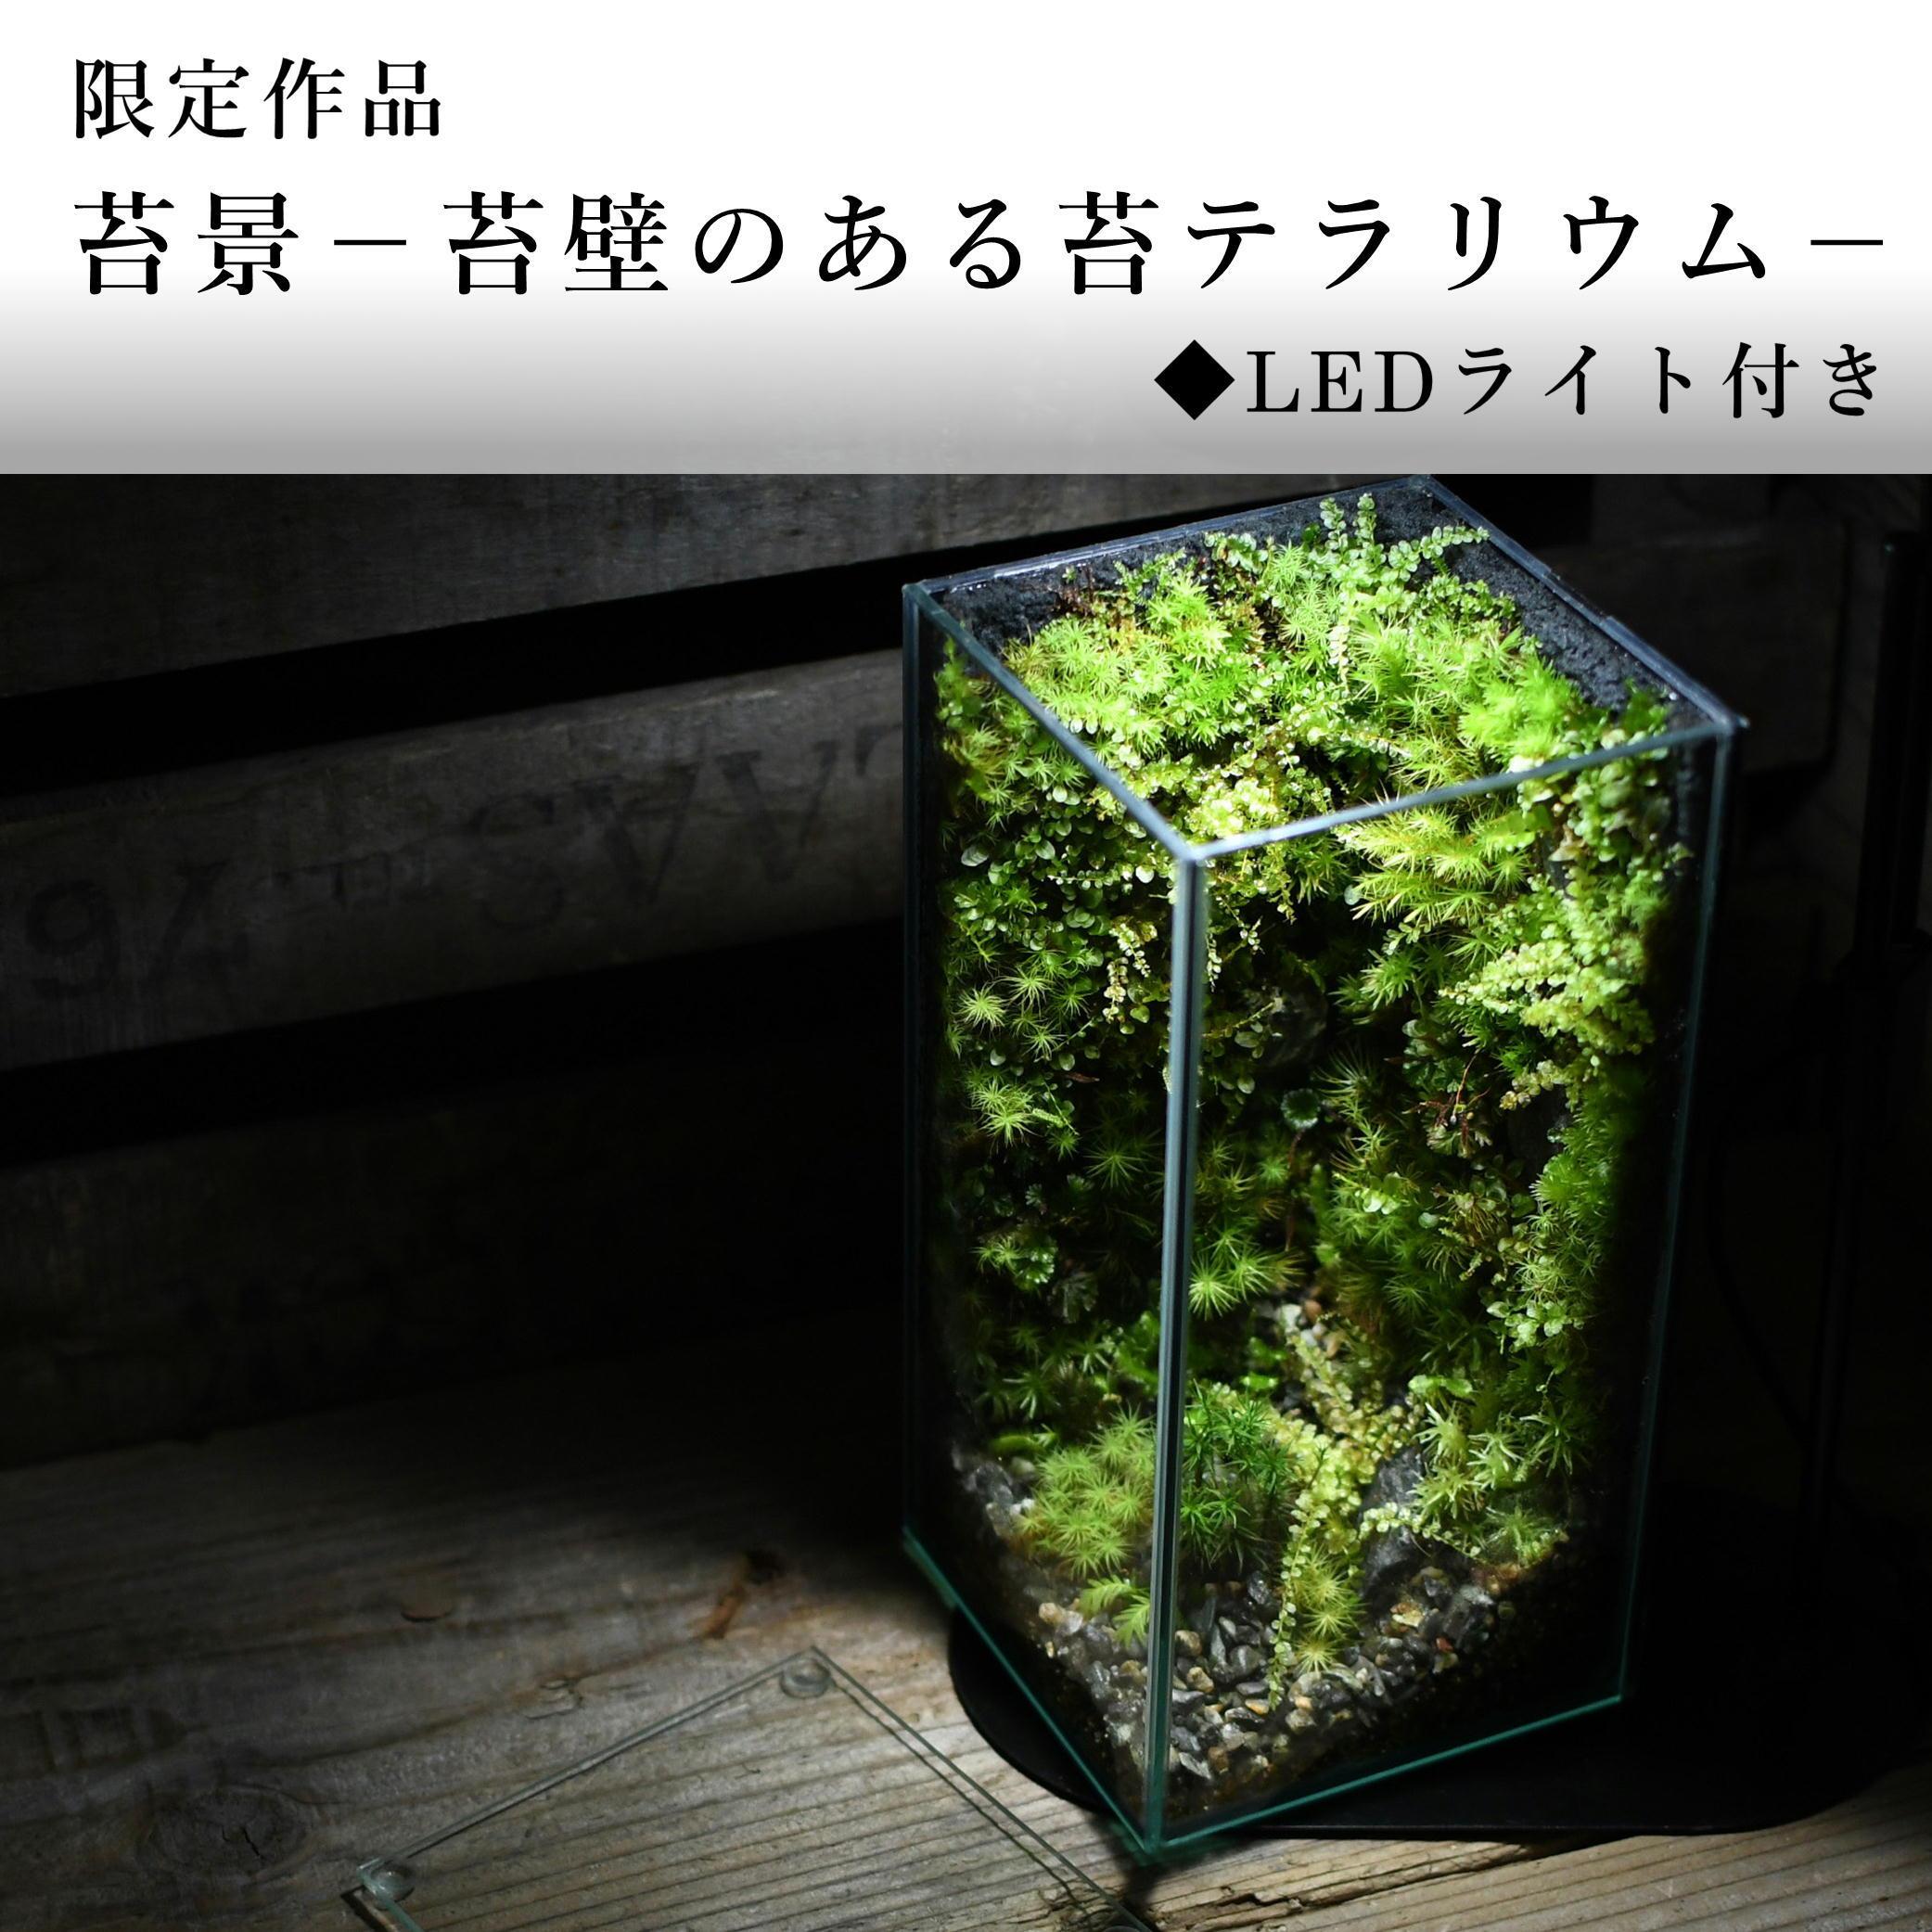 苔景−小さな苔壁のある苔テラリウム−【苔テラリウム・現物限定販売】◆LEDライト付き